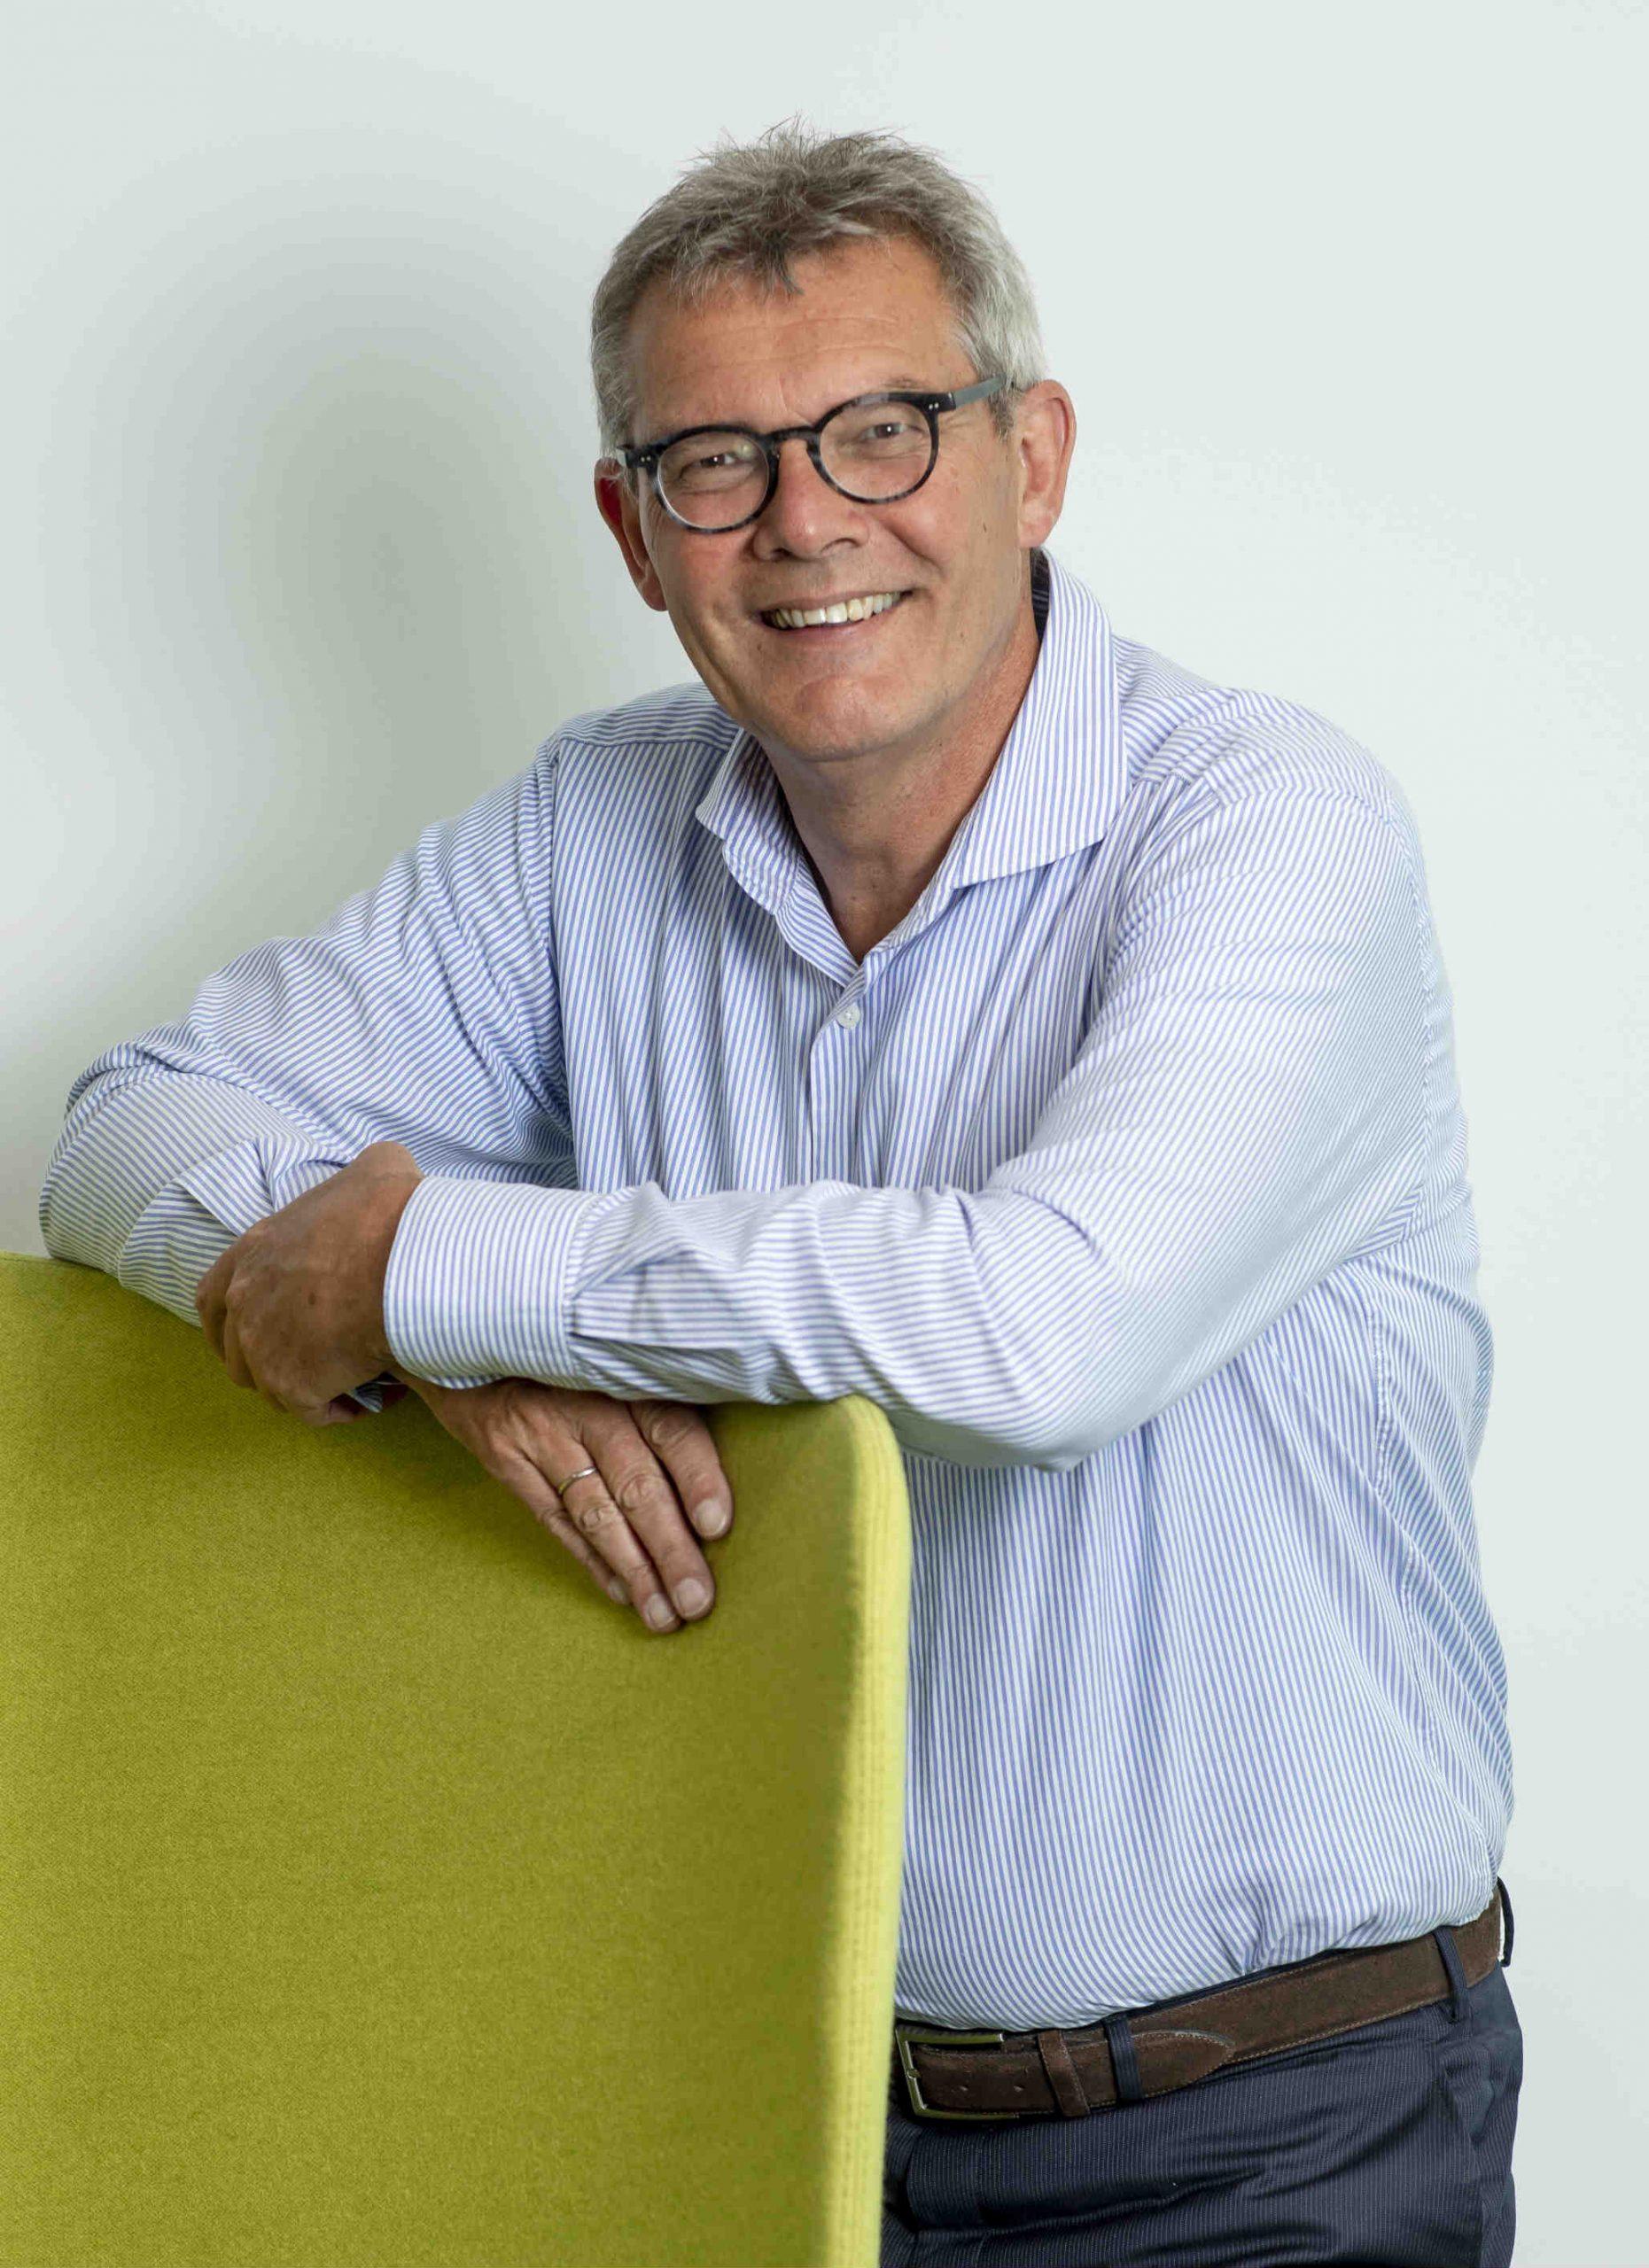 Marcel Hilbrands